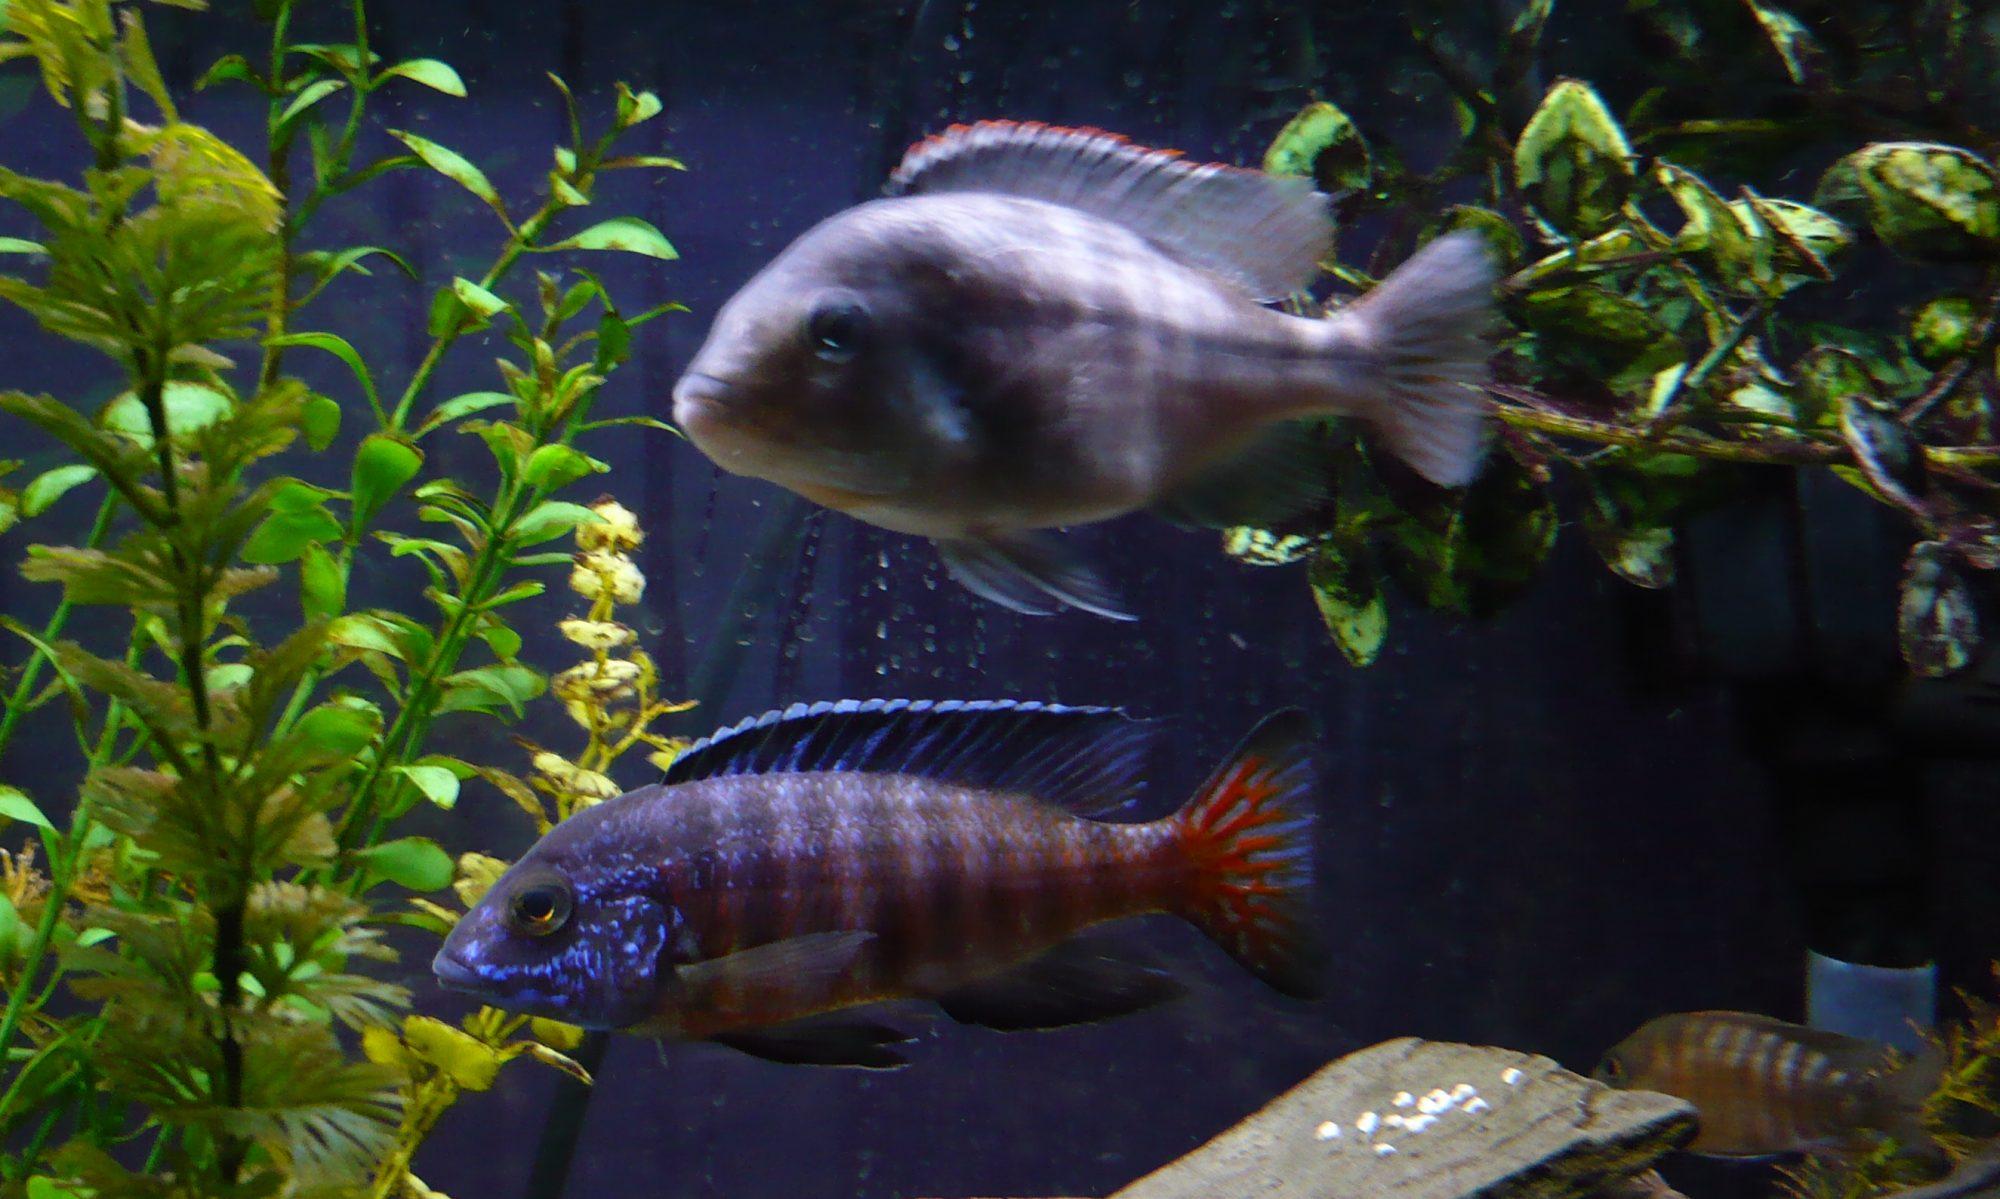 Paul's Fish